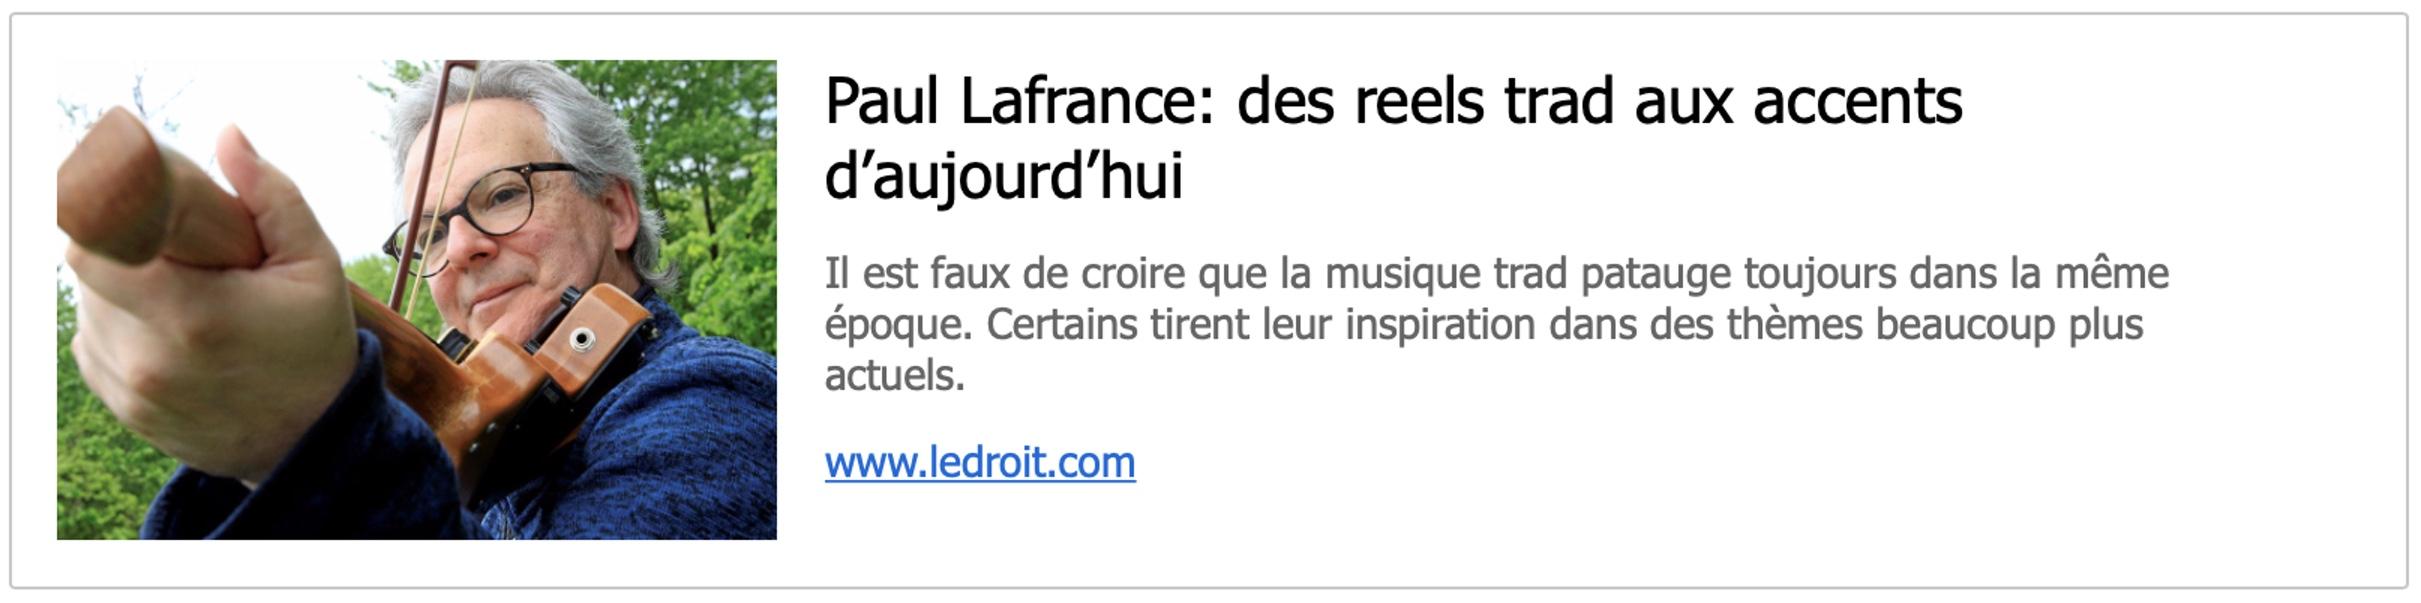 Article LeDroit